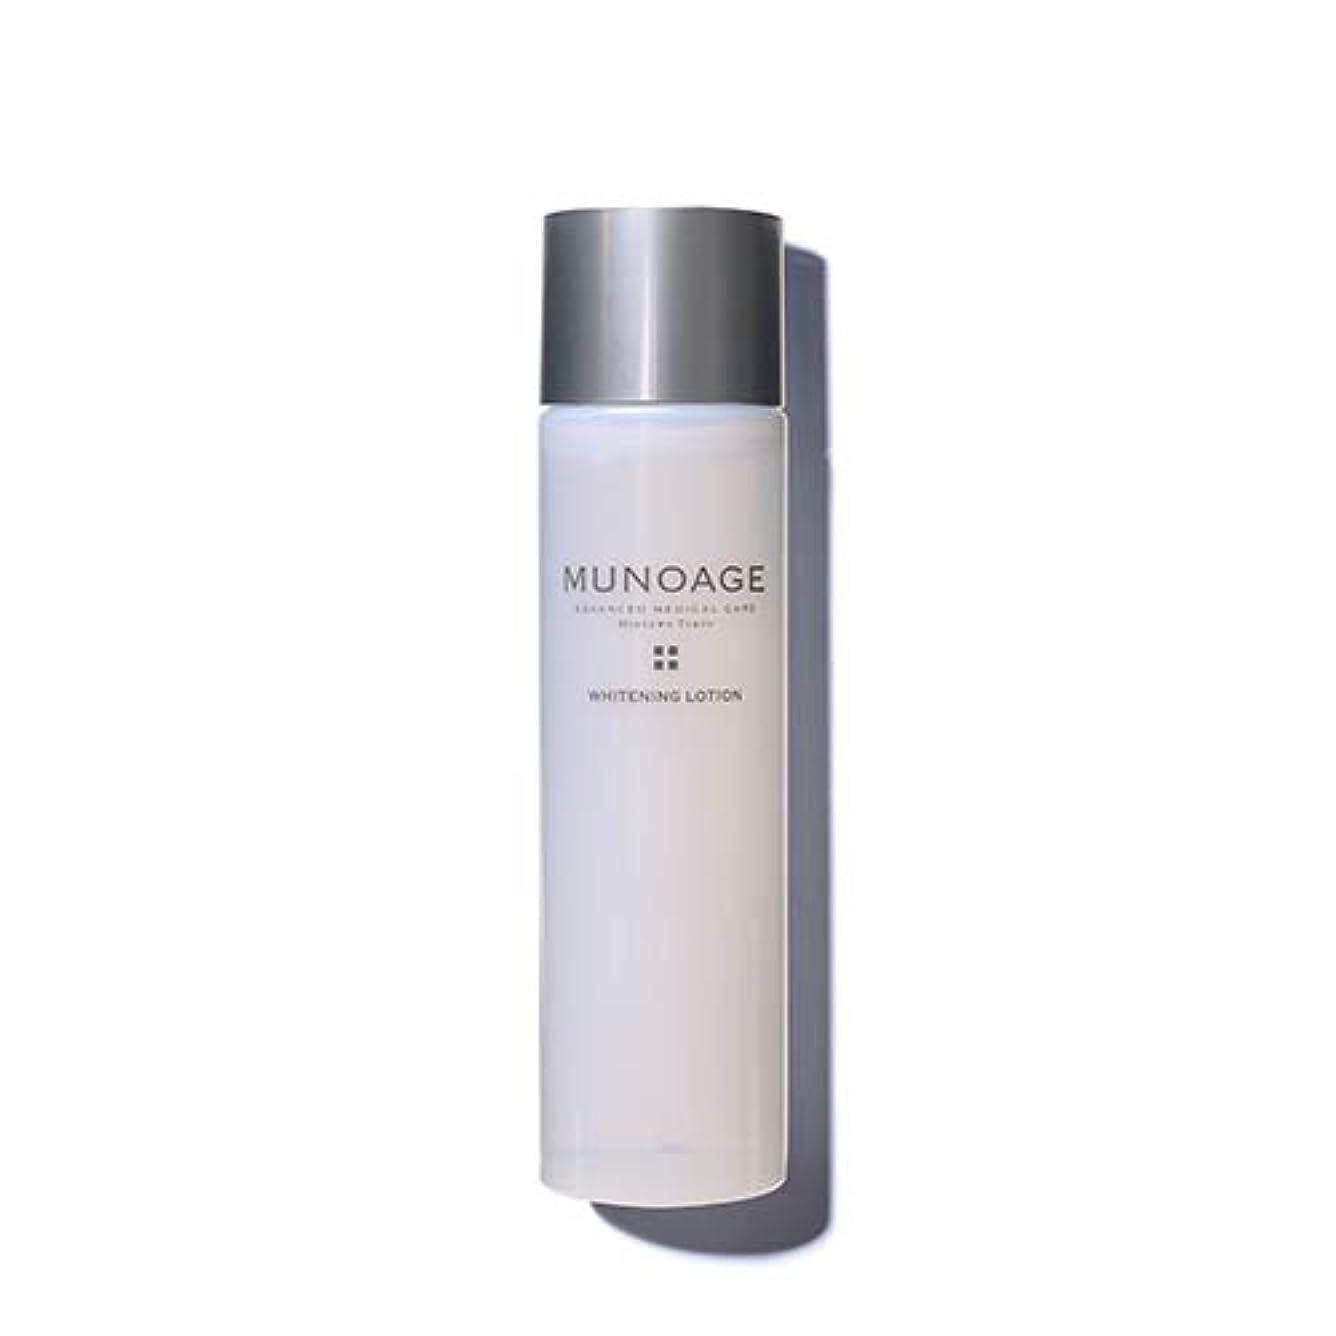 一次海峡ひもつかの間MUNOAGE ホワイトニングローション 150ml【薬用美白化粧水】 さっぱりタイプ 透明感のある素肌へ ビタミンC 高保湿【限定プレゼントセット】